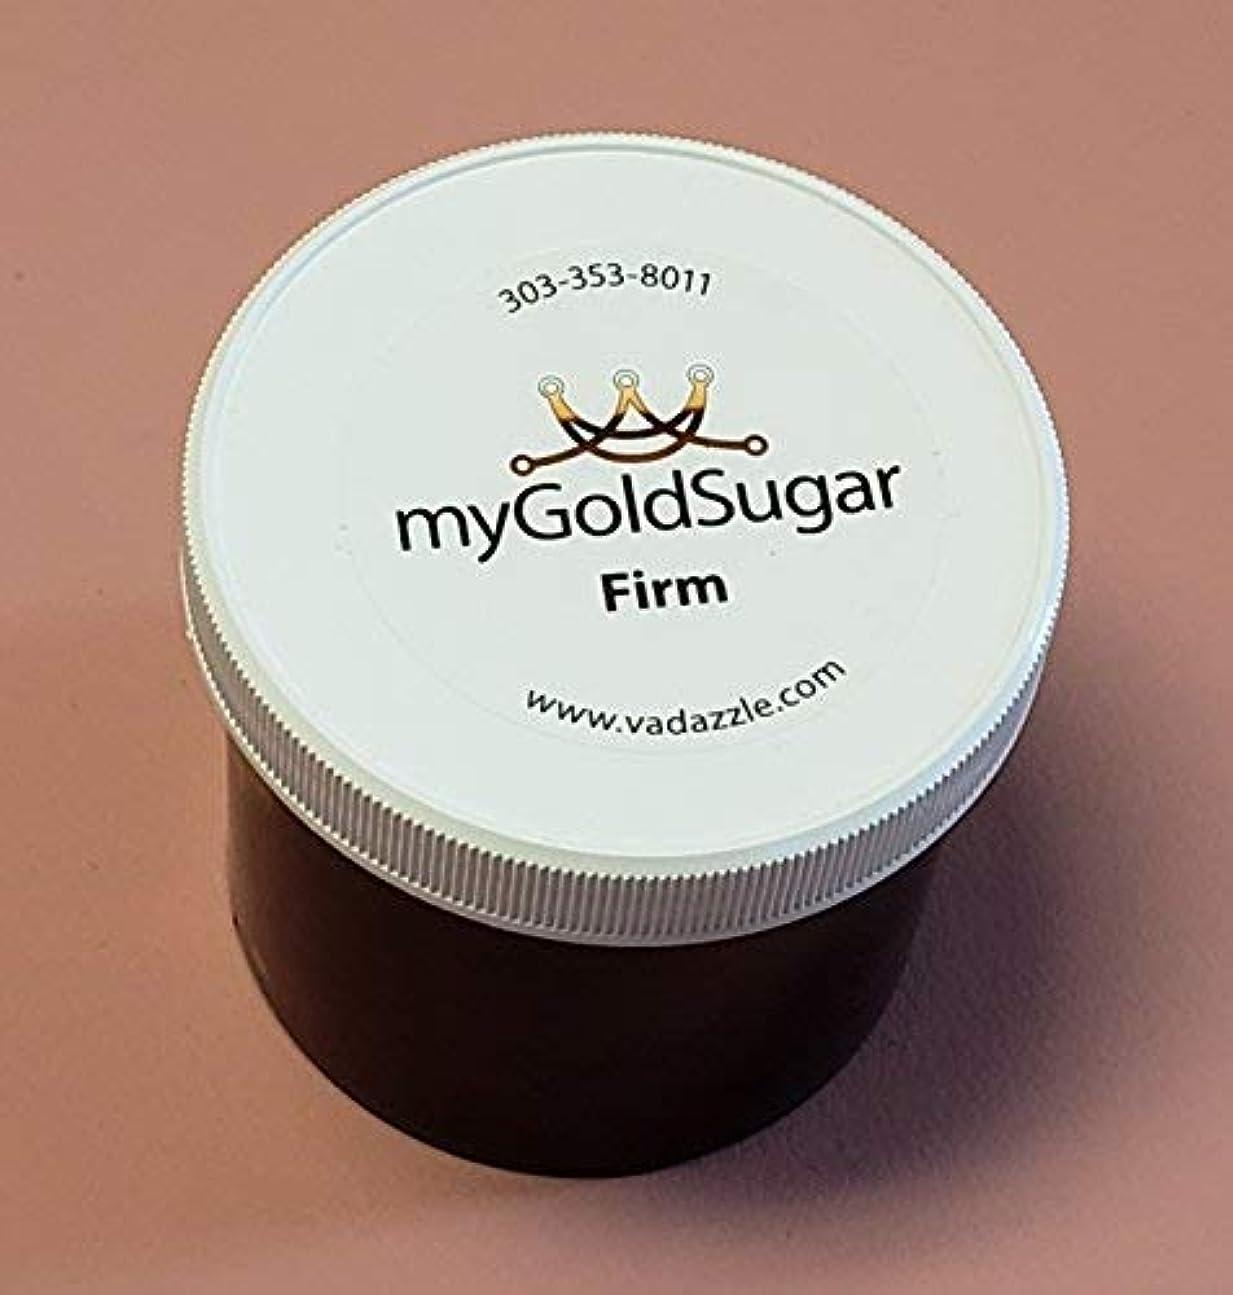 あたり堤防溶けた16oz My Gold Sugar - Sugaring for Hair Removal (Firm) [並行輸入品]